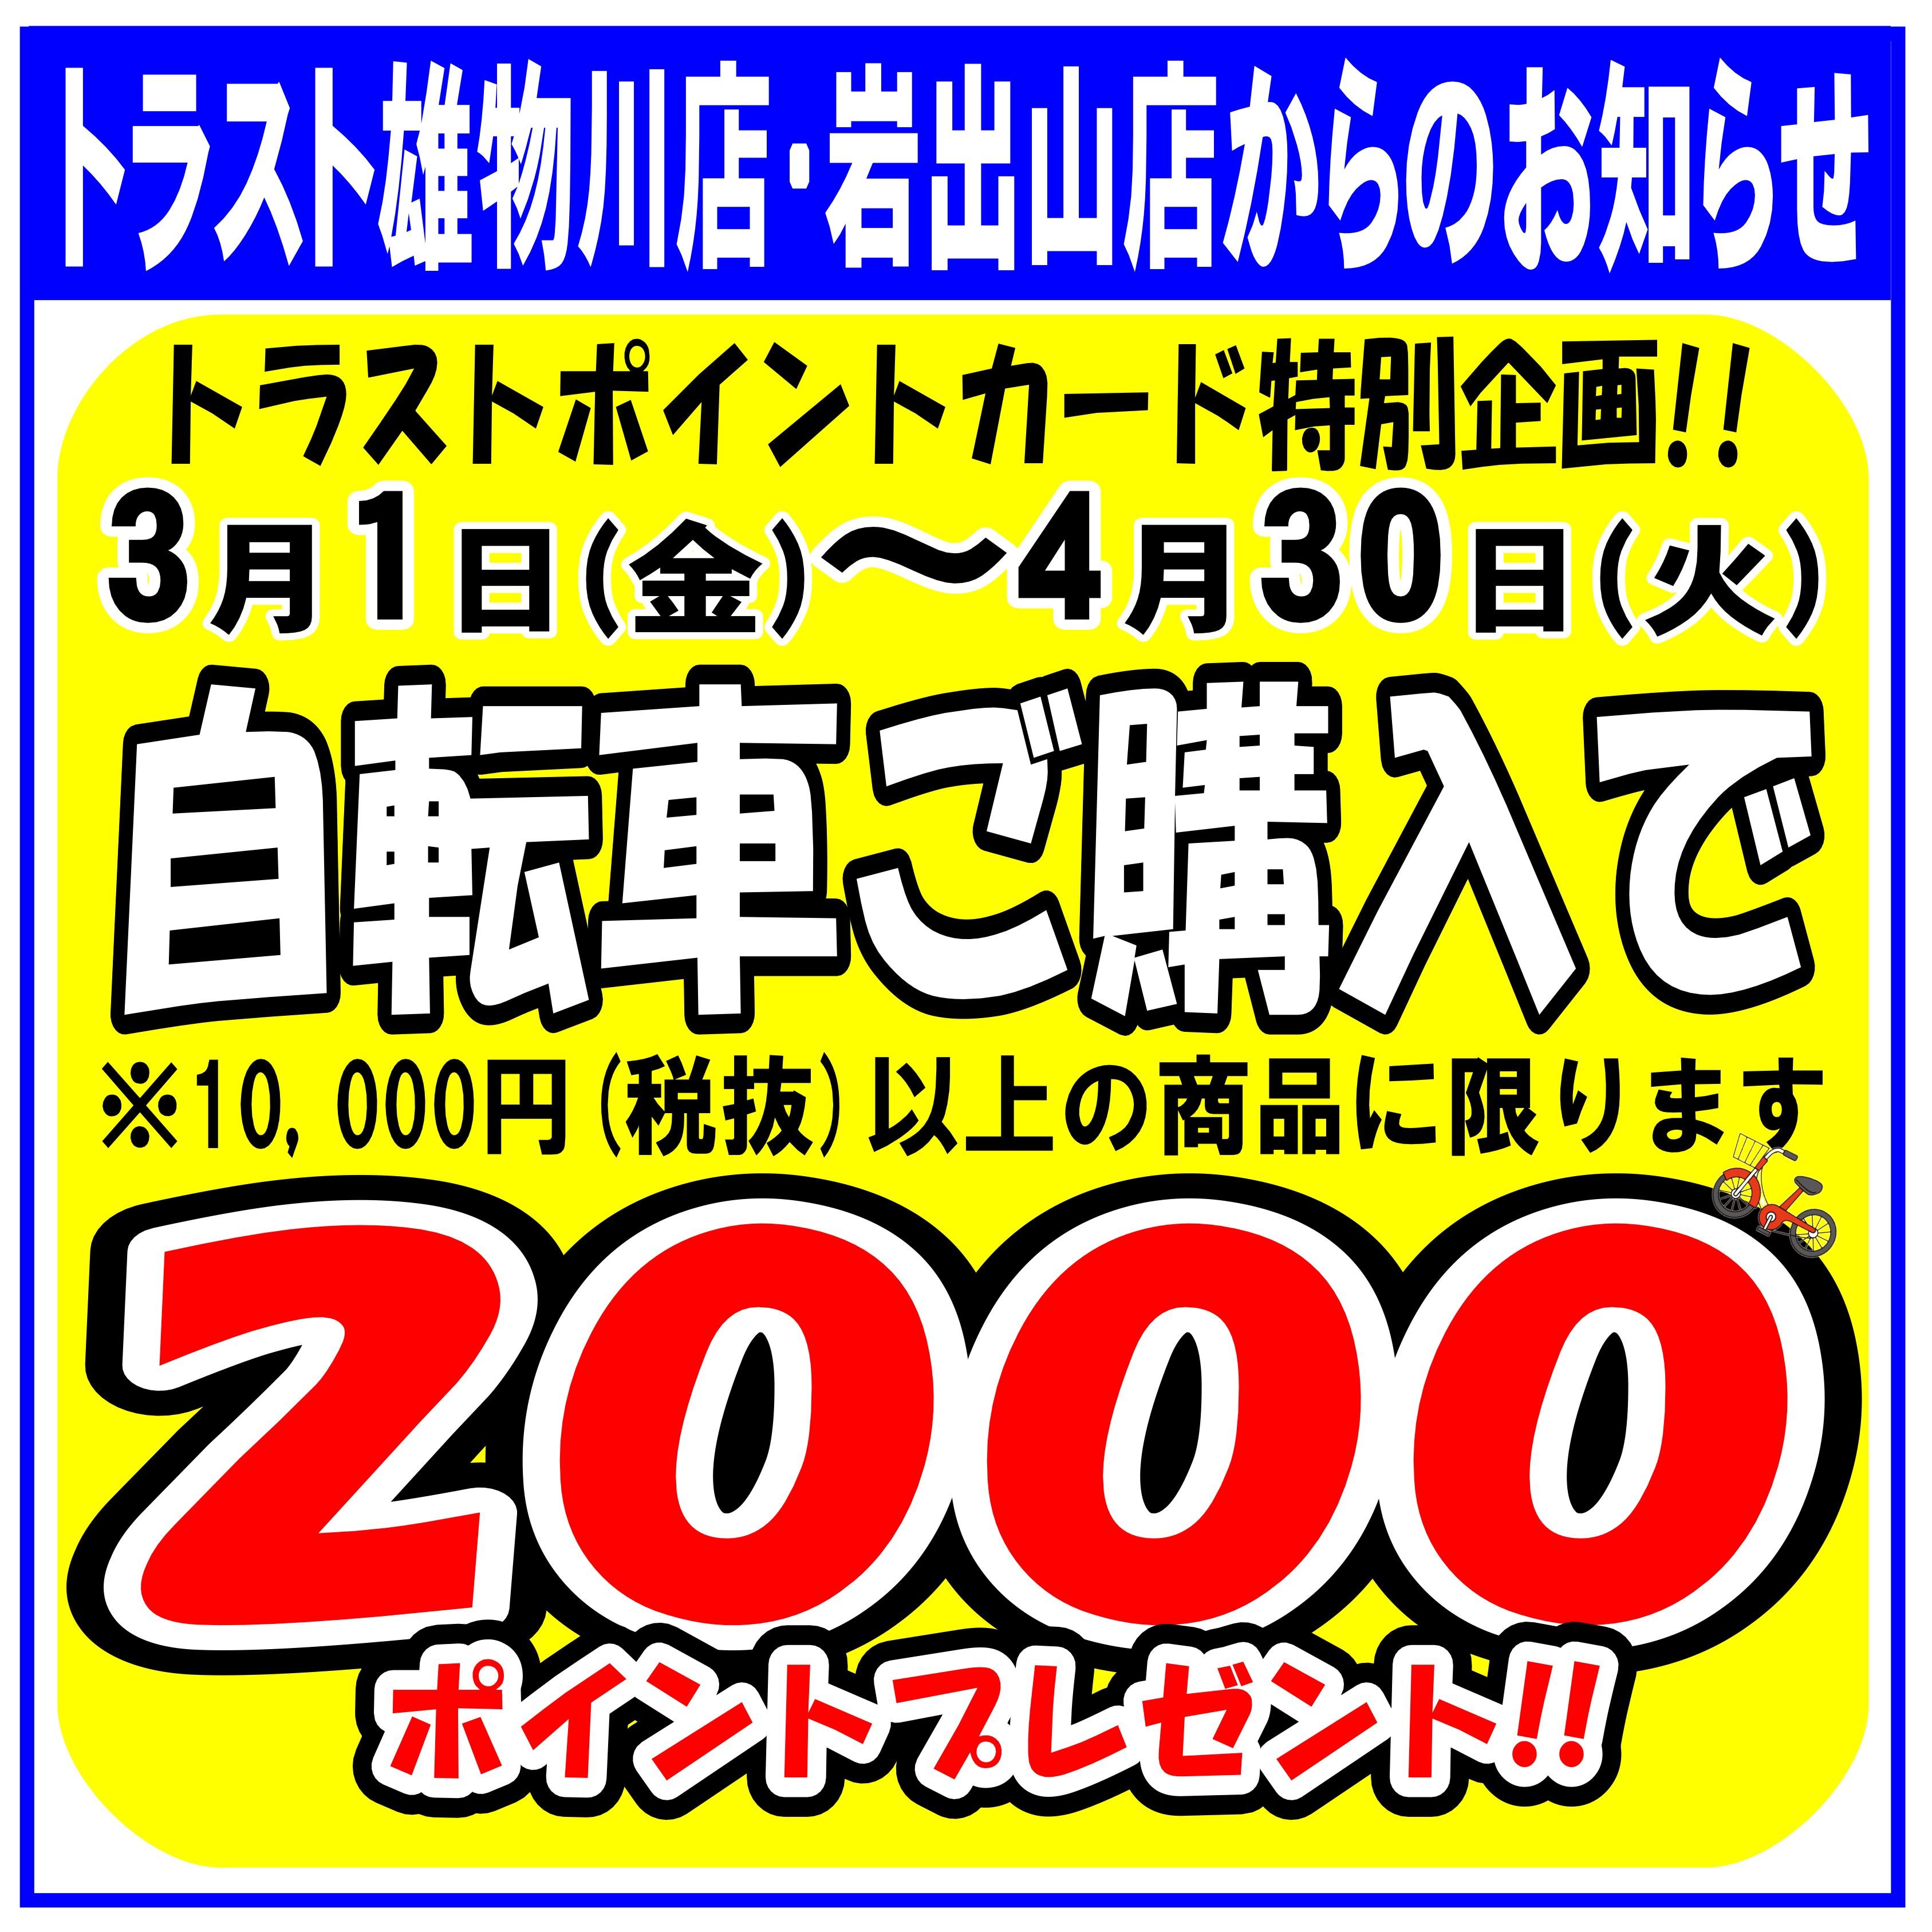 【スーパーセンタートラスト各店】自転車ご購入でポイントプレゼント!!